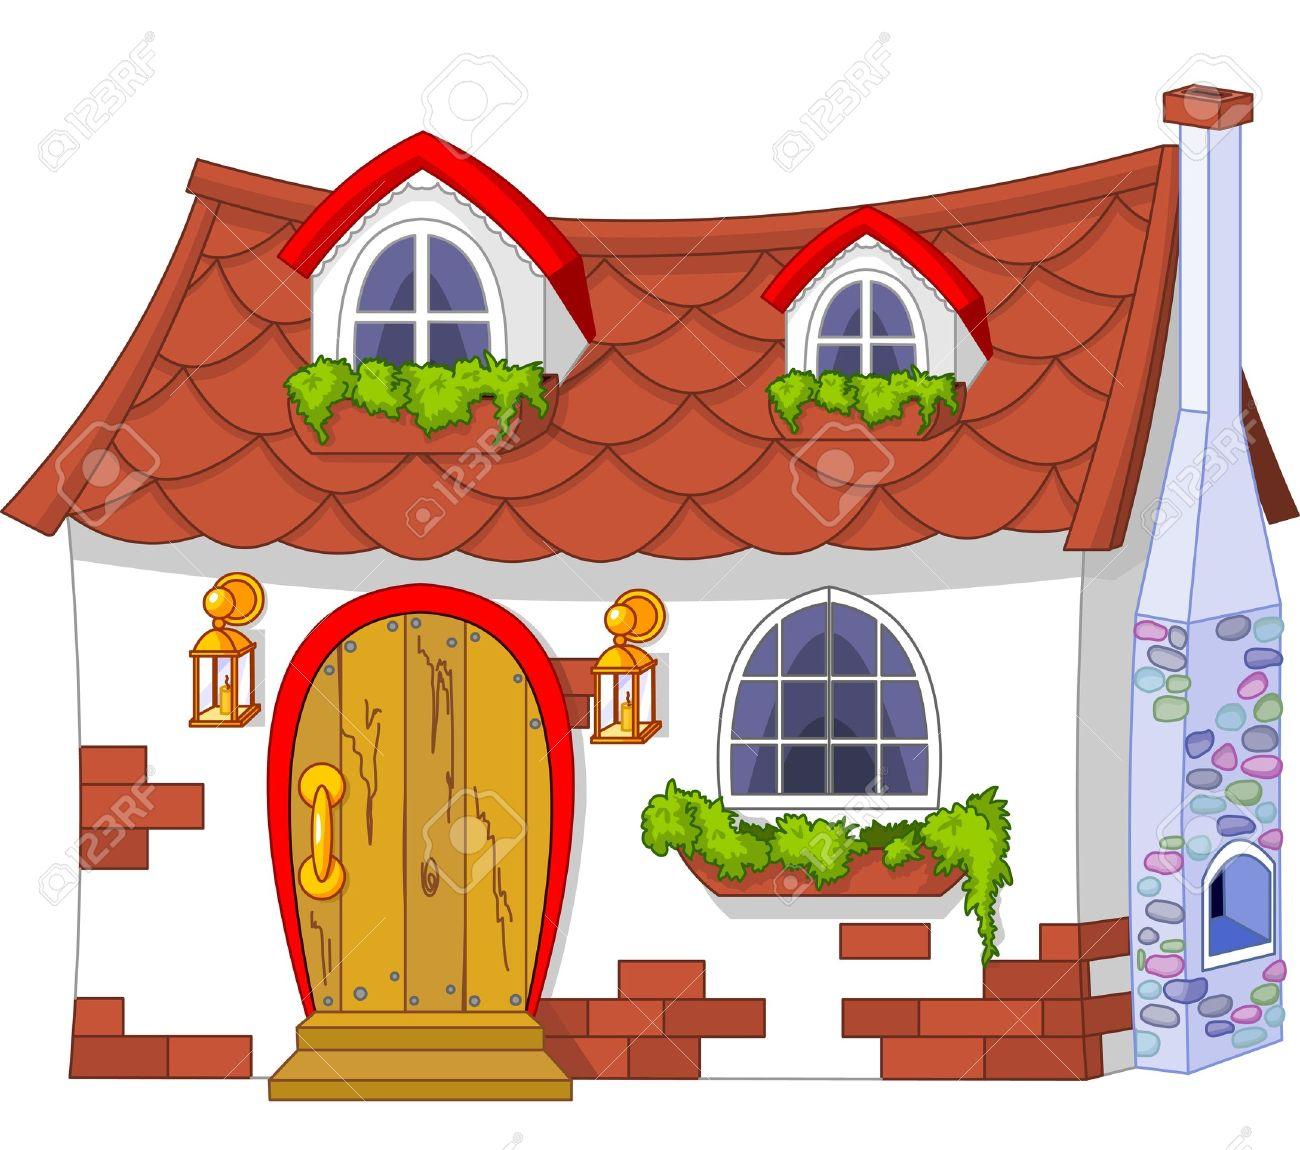 手描きのかわいい家のイラスト要素 図 テンプレートpsdの無料で